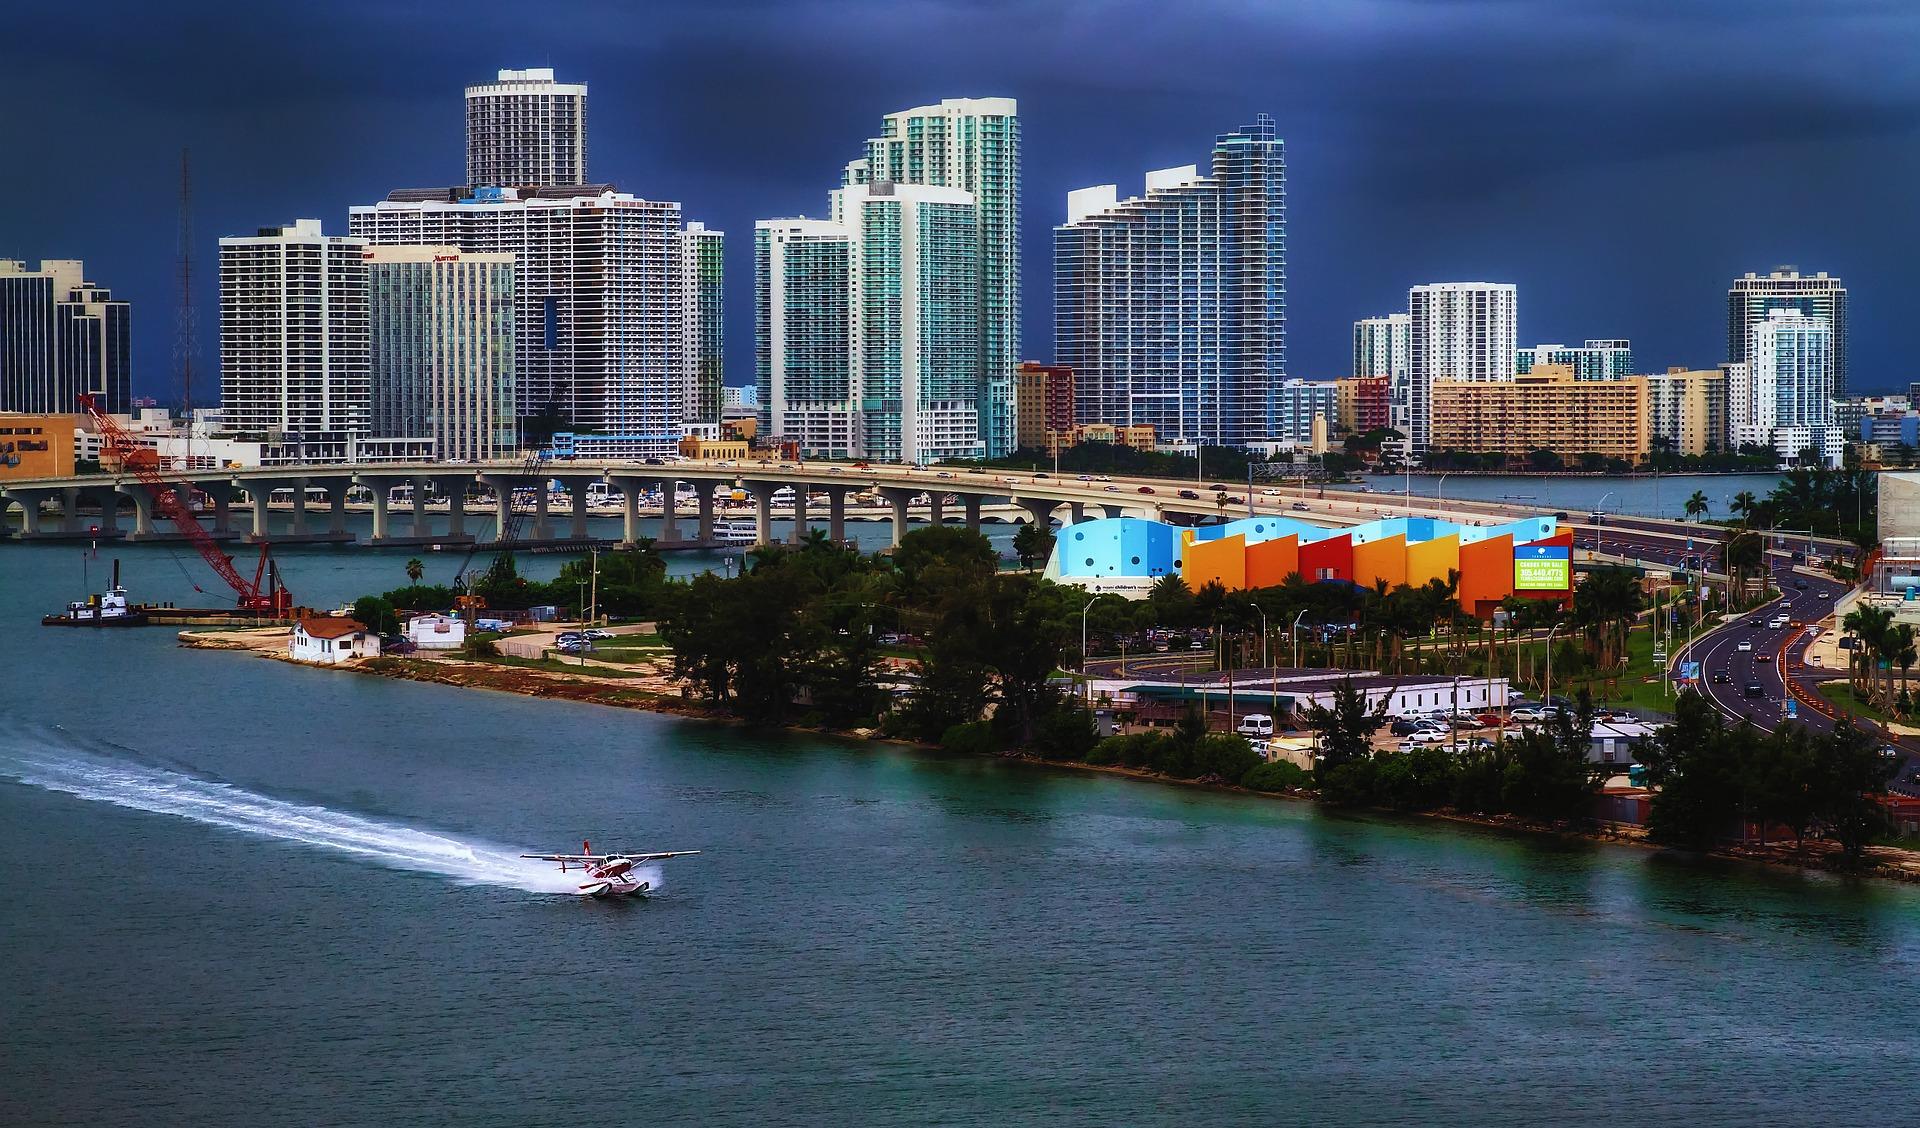 Port in Miami, Florida